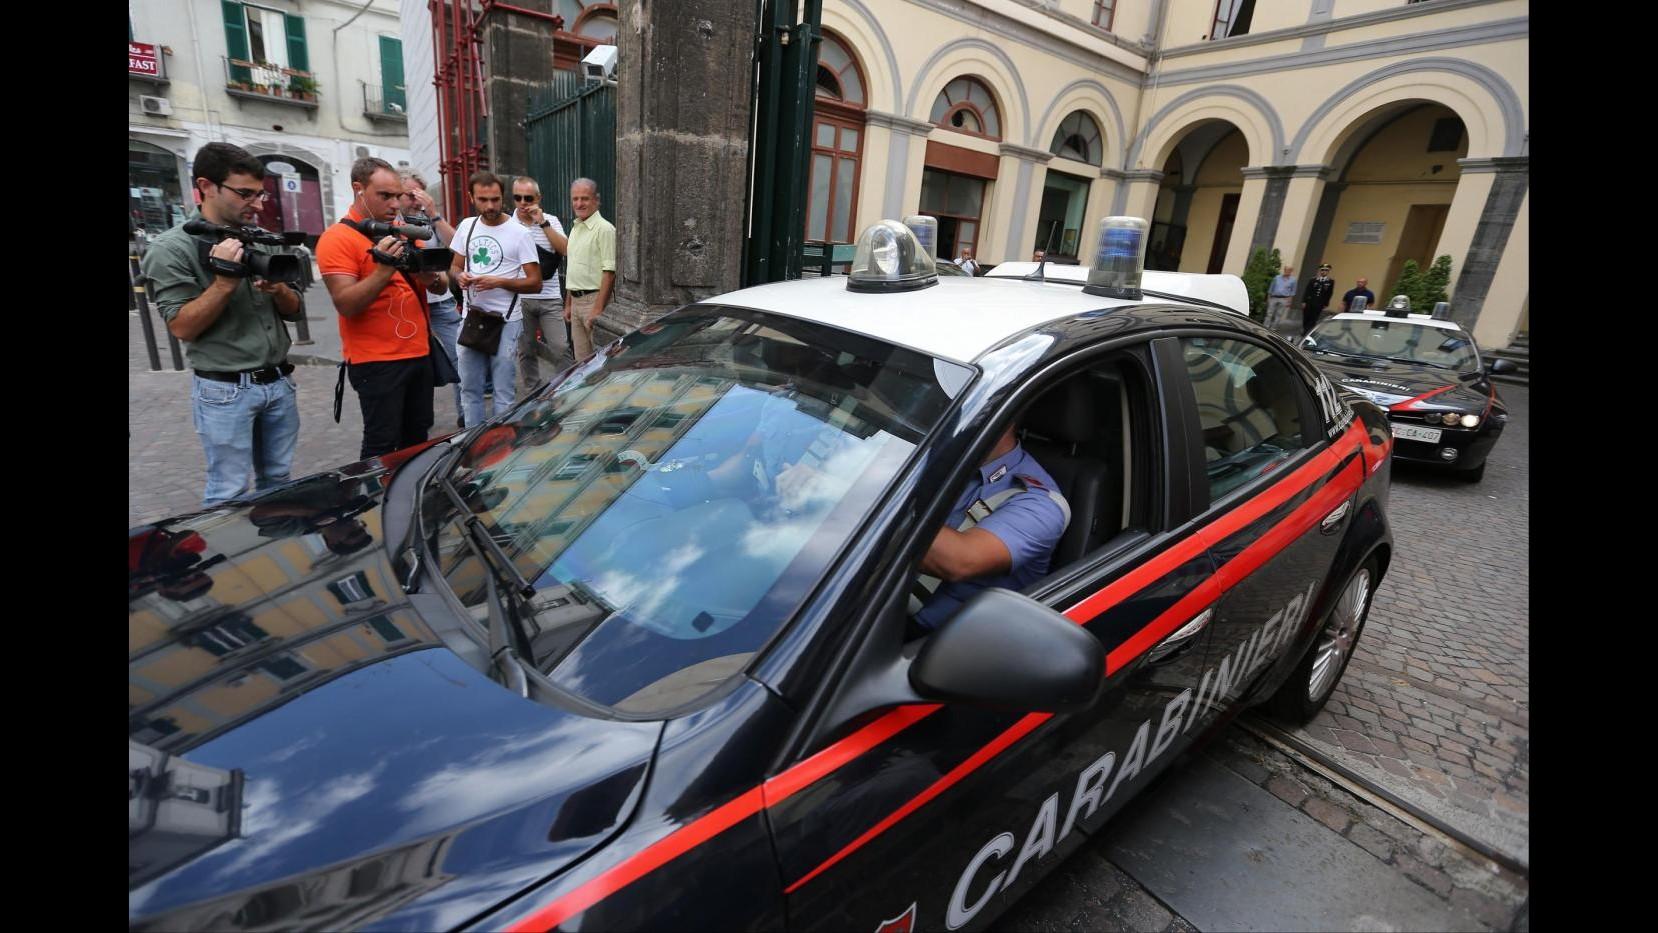 Napoli, banda rapinatori in azione: carabinieri evitano colpo